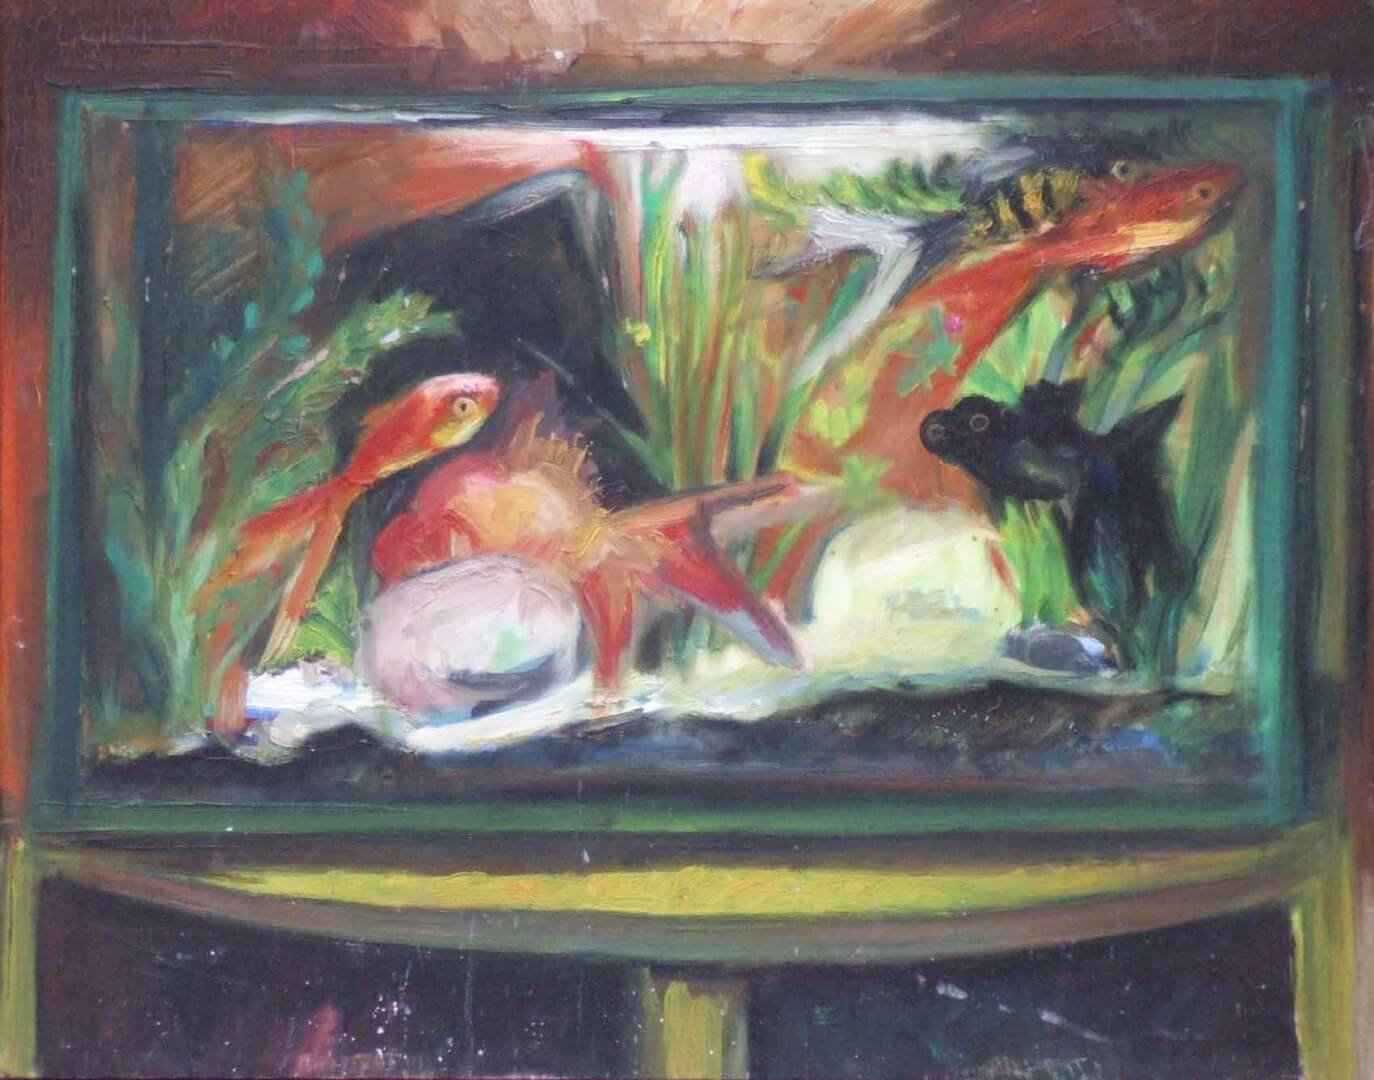 Aquarium © David Noir | Dessins, peintures, collages